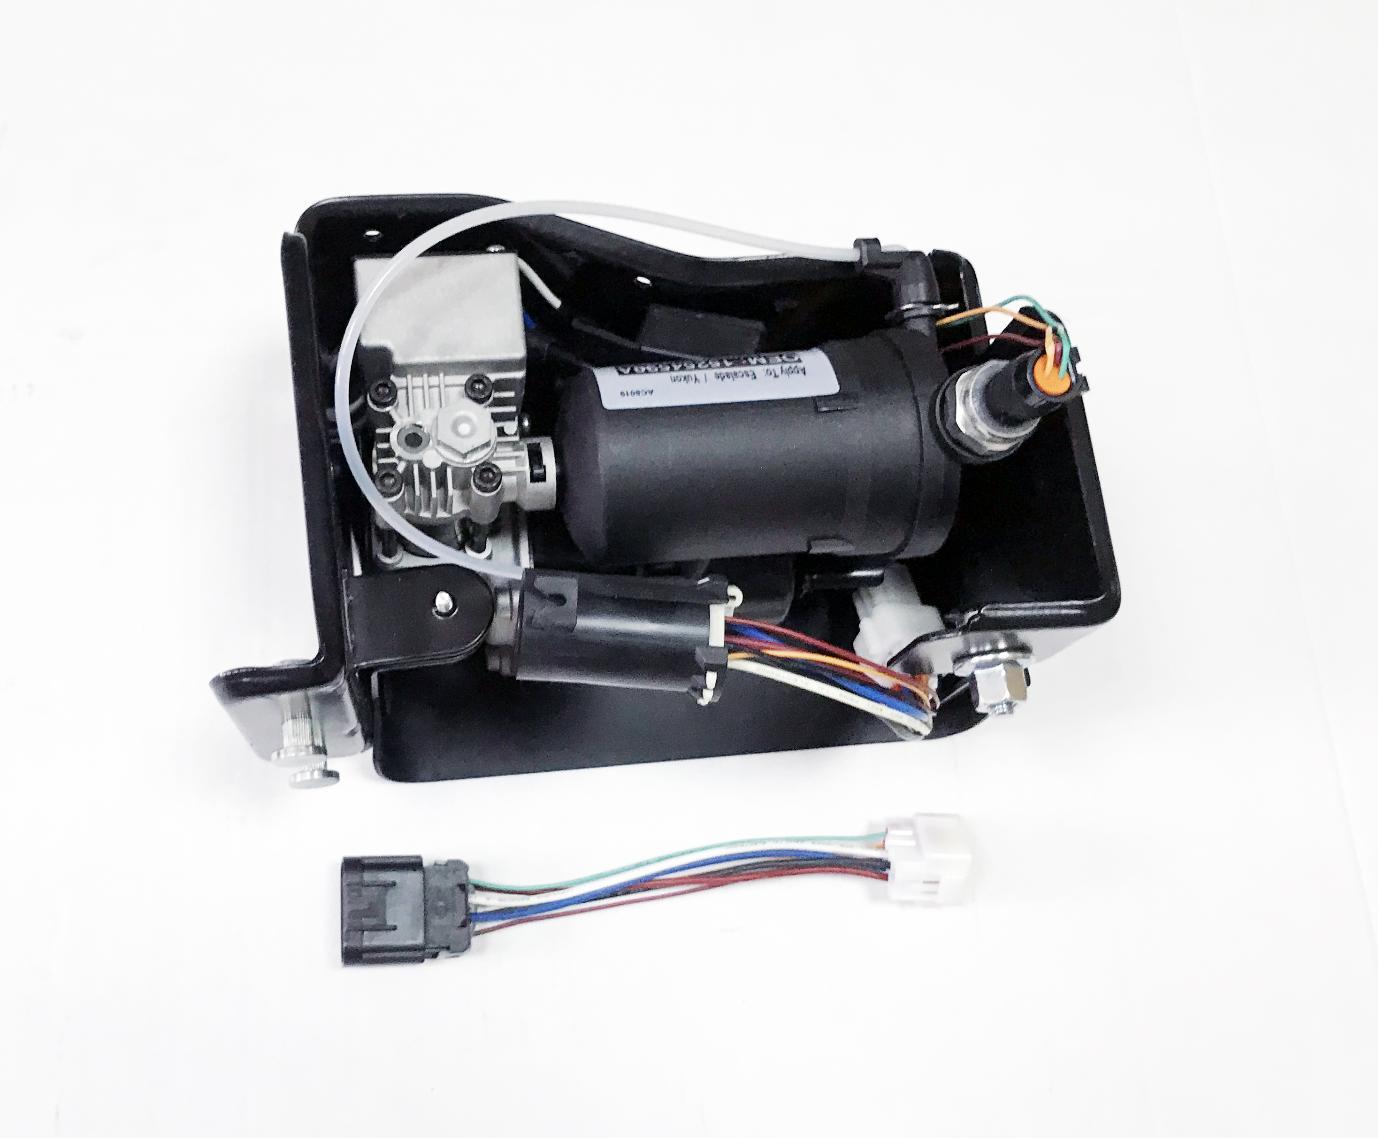 картинка Новый компрессор пневмоподвески Miessler для Cadillac Escalade и Chevrolet Tahoe (15254590, 20930288, 22941806) от магазина пневмоподвески ПневмоМаркет